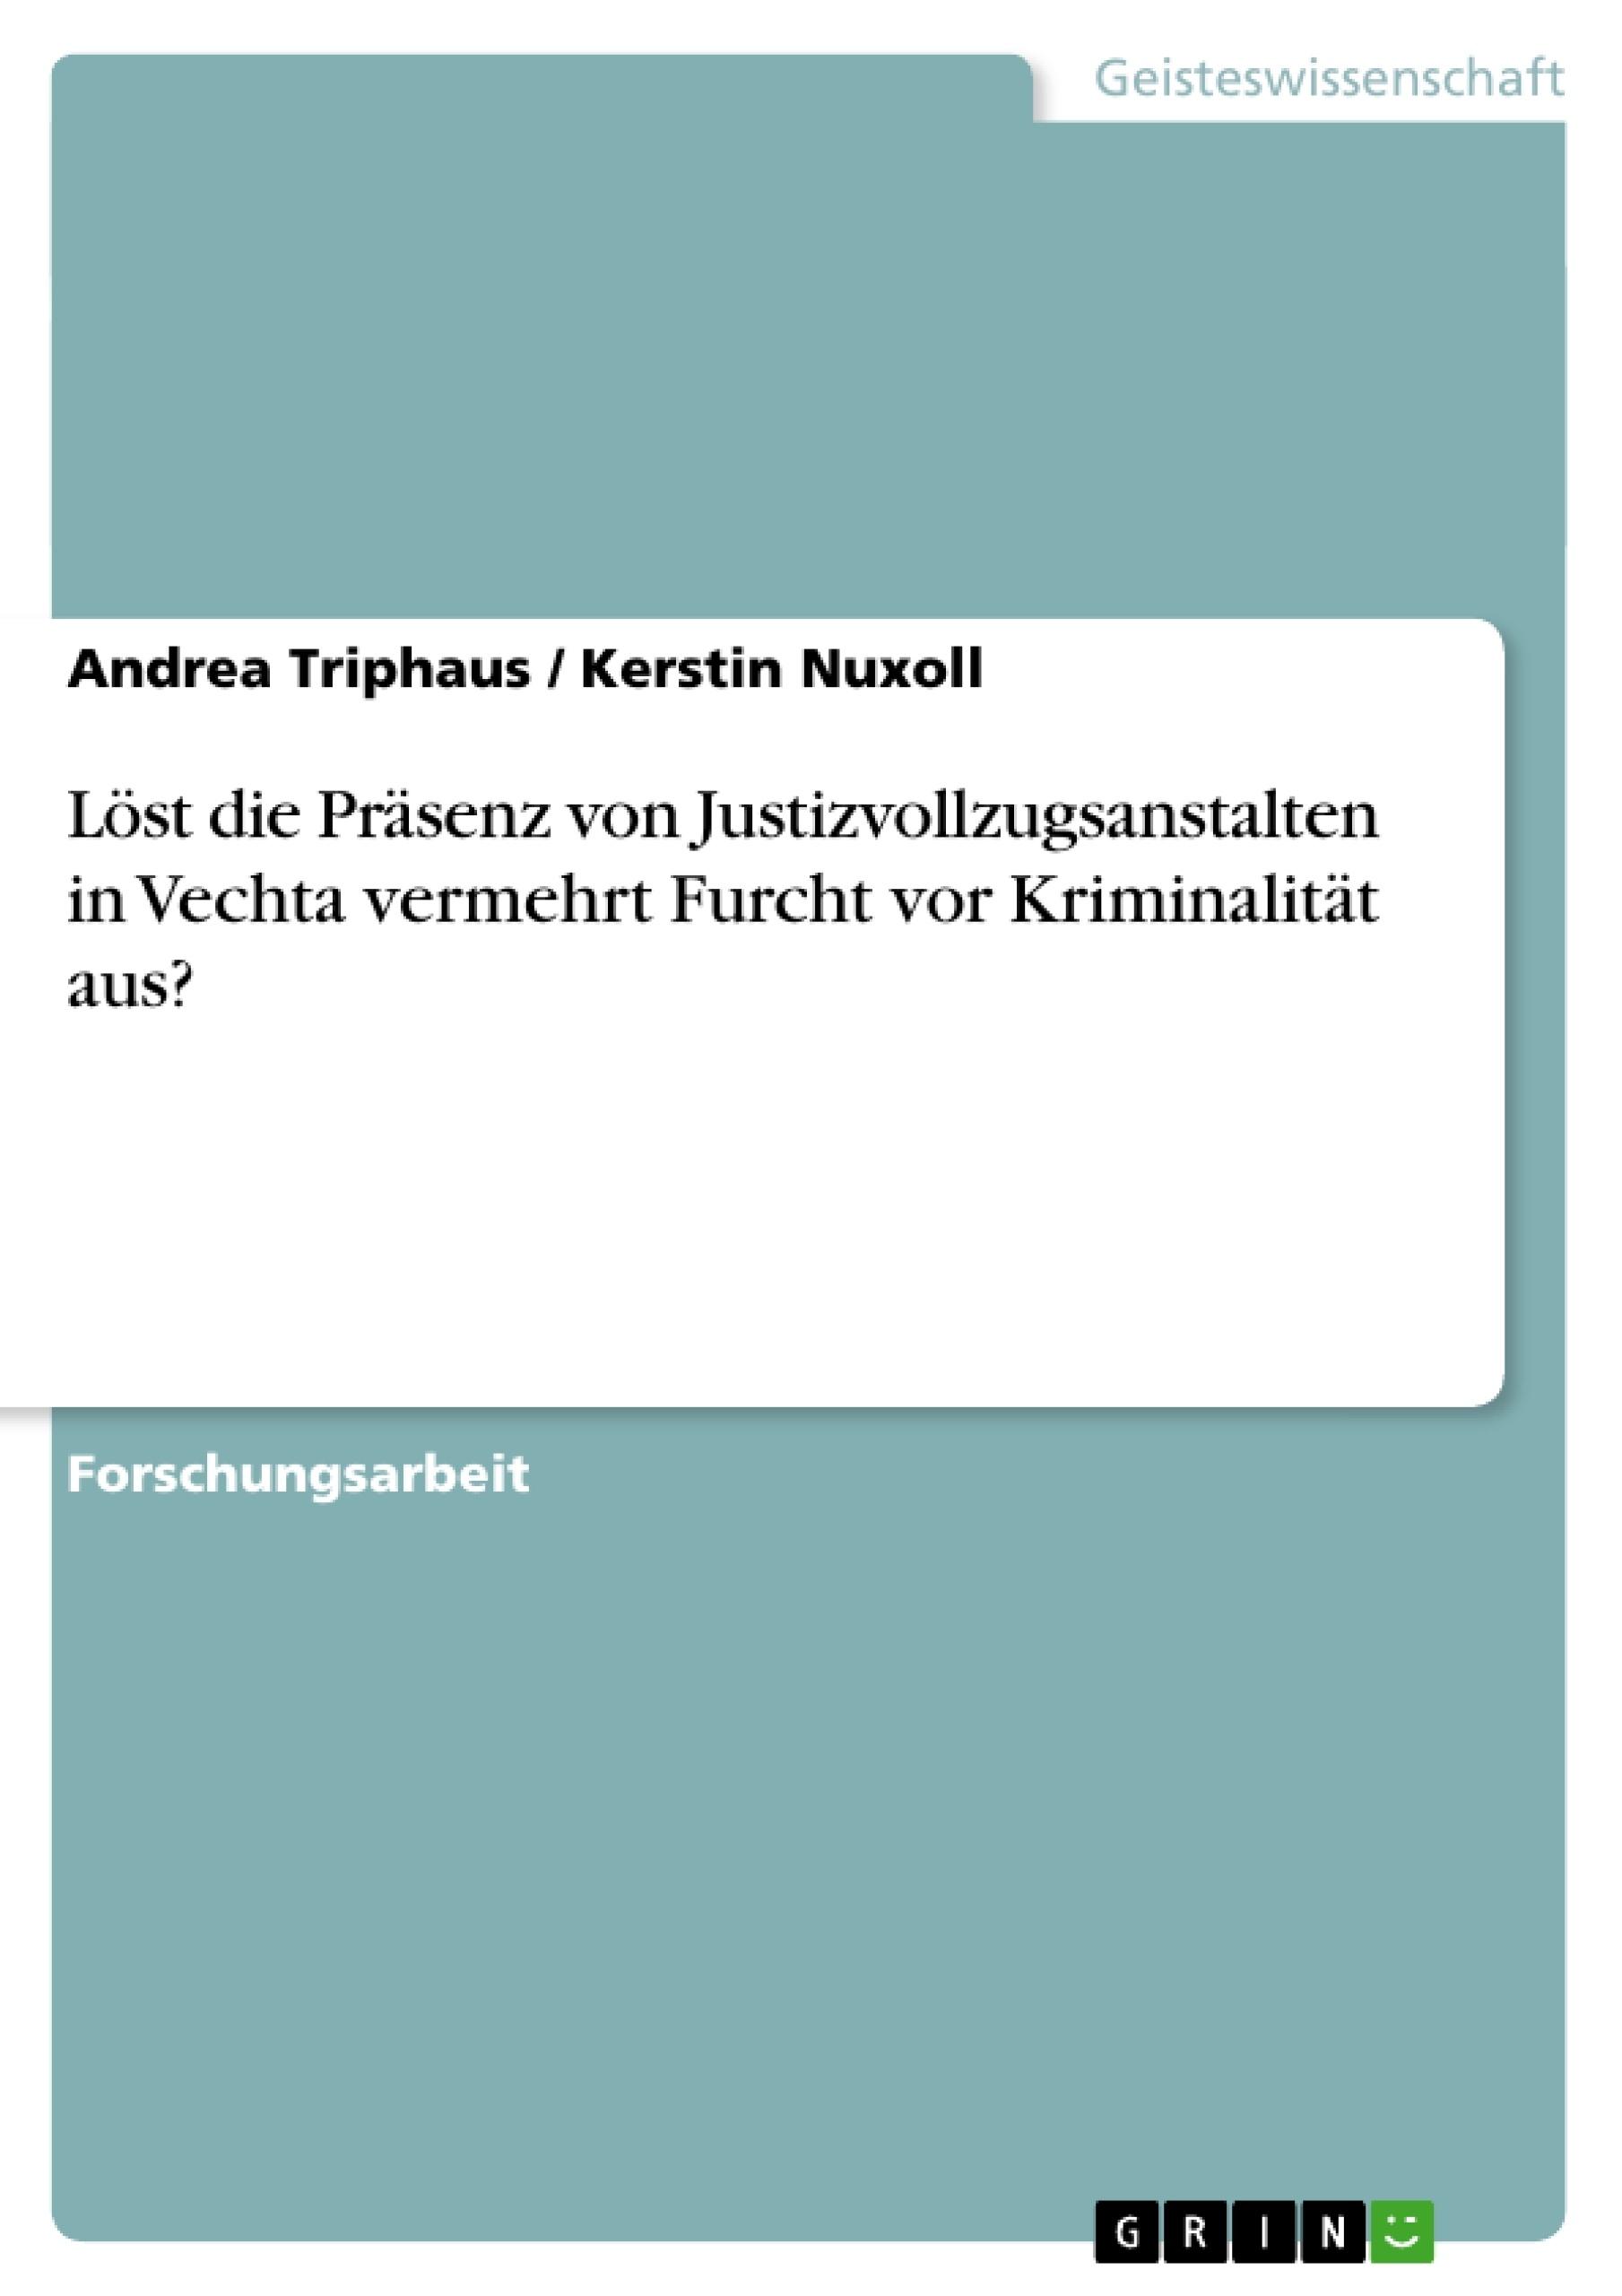 Titel: Löst die Präsenz von Justizvollzugsanstalten in Vechta vermehrt Furcht vor Kriminalität aus?